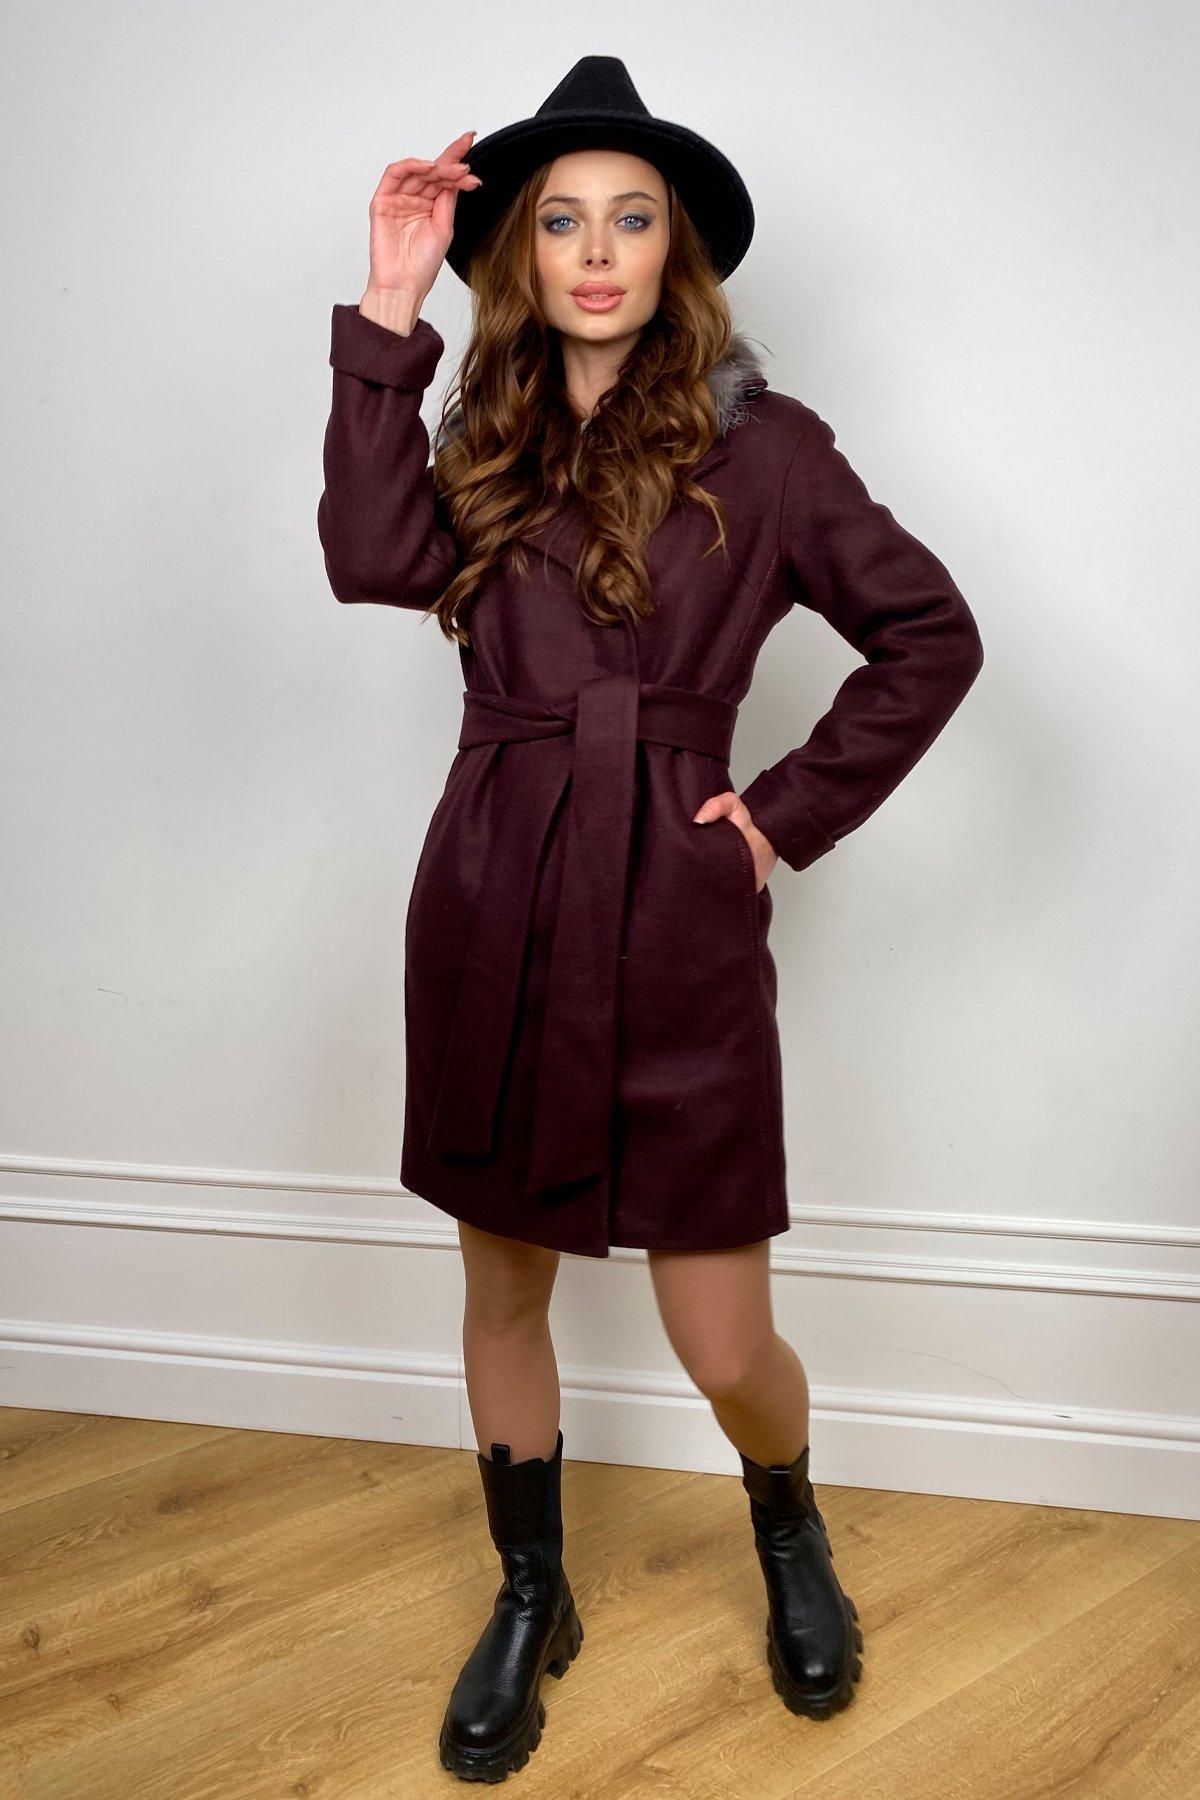 Пальто зима Приора 5668 АРТ. 37884 Цвет: Марсала 75 - фото 7, интернет магазин tm-modus.ru